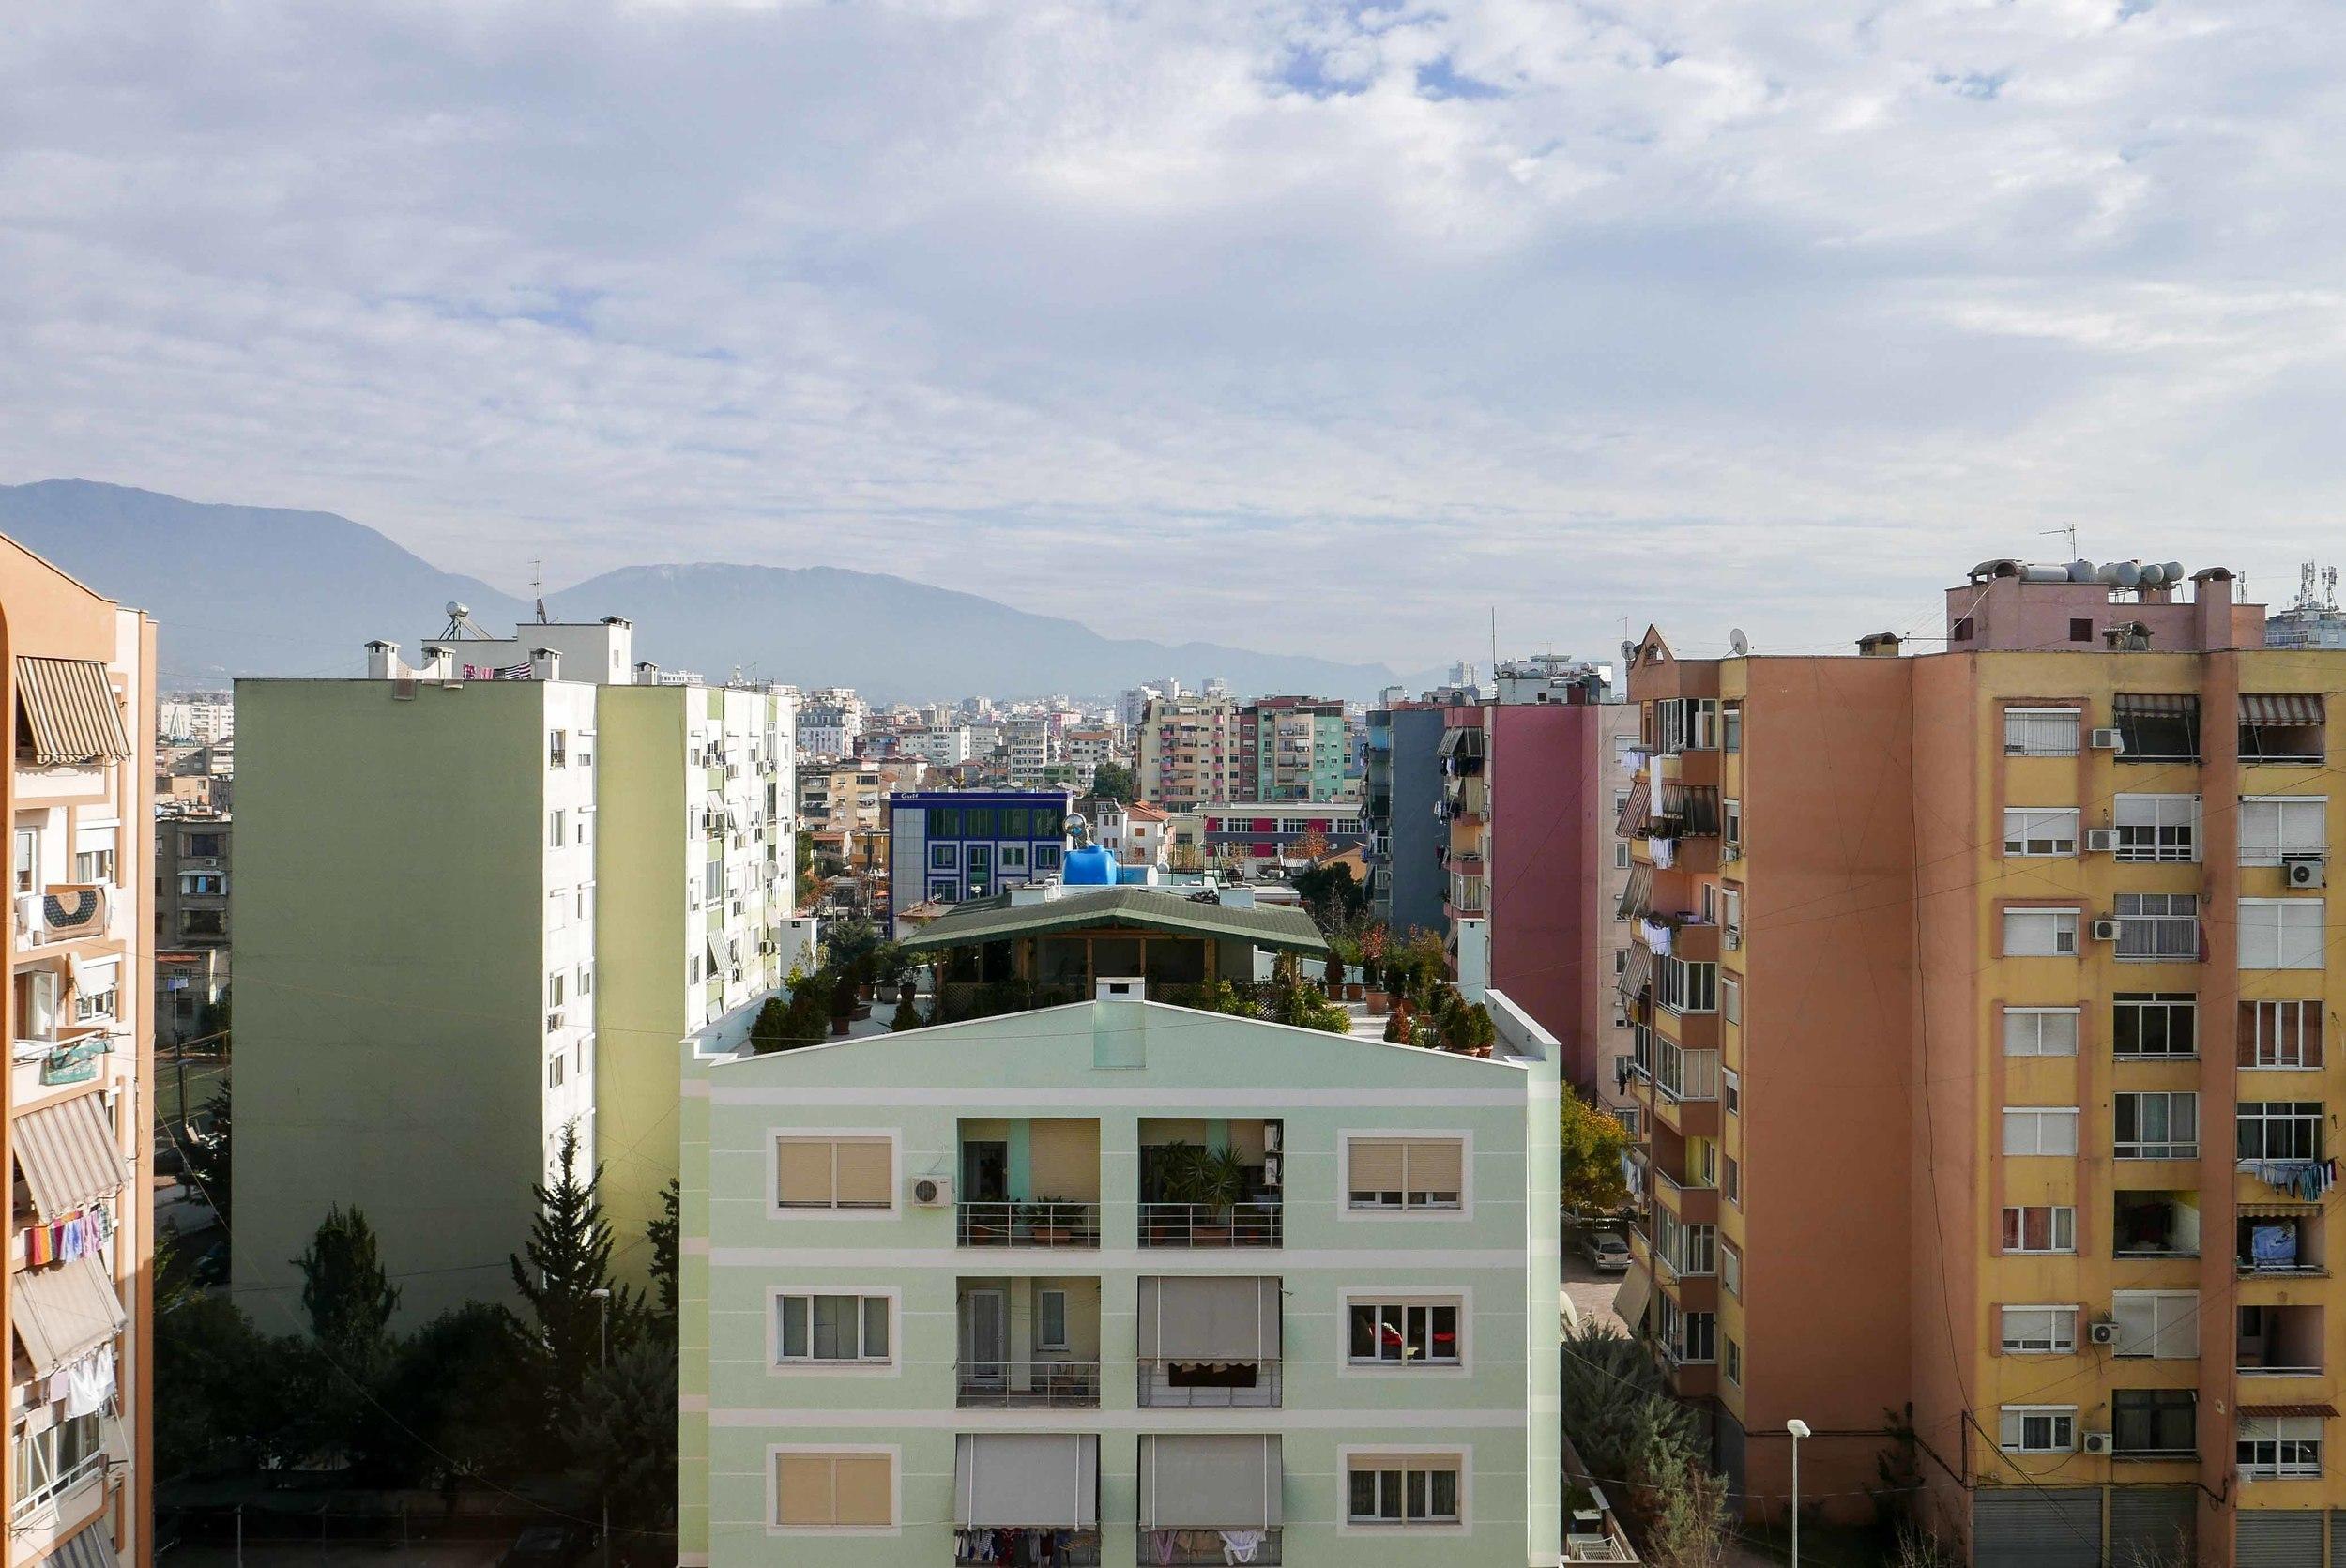 Albaniaa-8.jpg